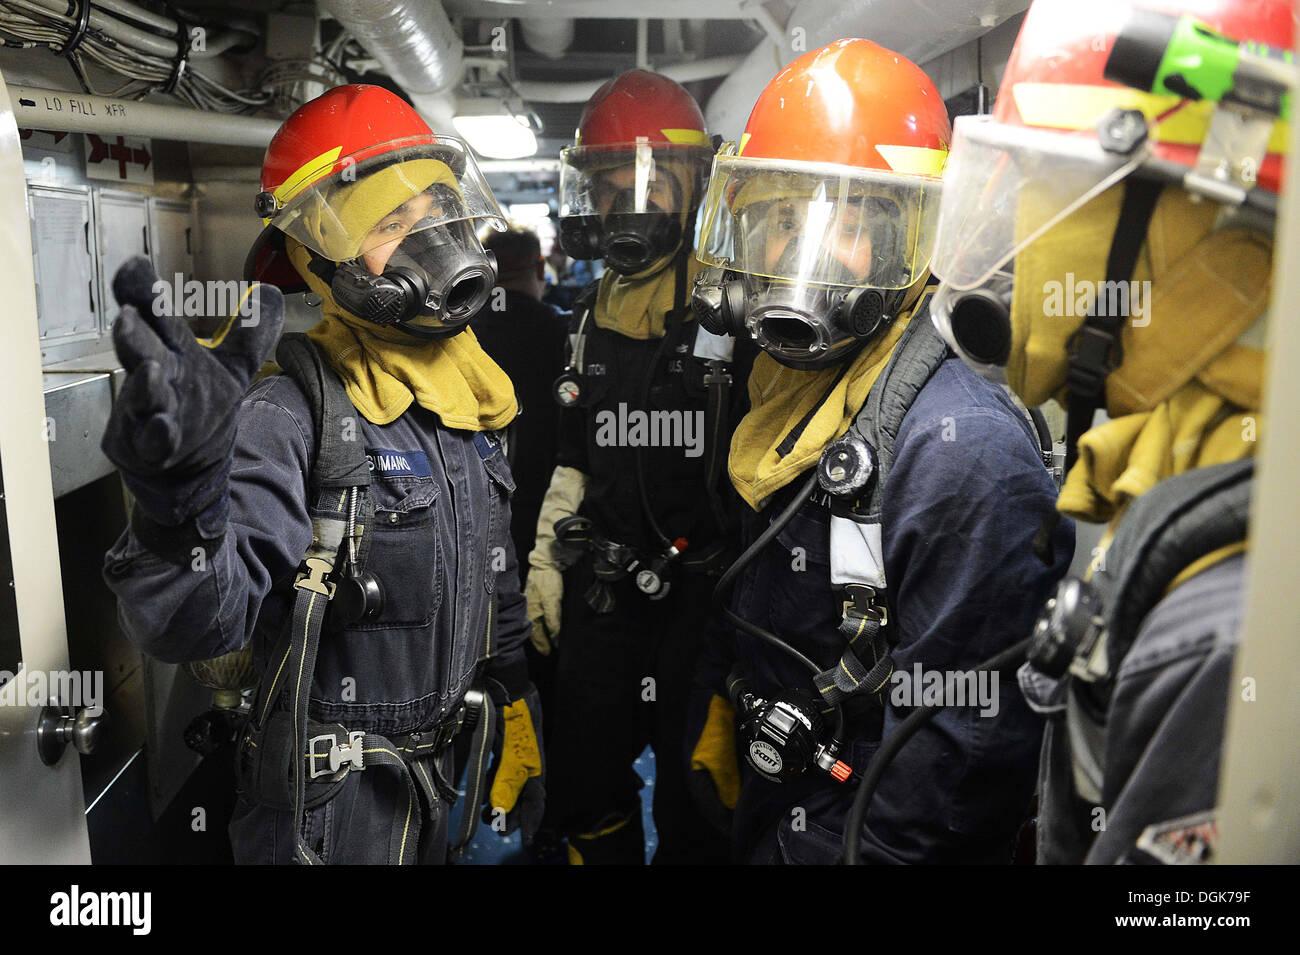 Les marins affectés à la classe Ticonderoga croiseur lance-missiles USS ANTIETAM (CG 54) se préparer à évaluer une victime simulée pendant un exercice de contrôle des dommages. Antietam est en patrouille avec le groupe aéronaval du George Washington dans le domaine de la 7ème Flotte américaine Photo Stock